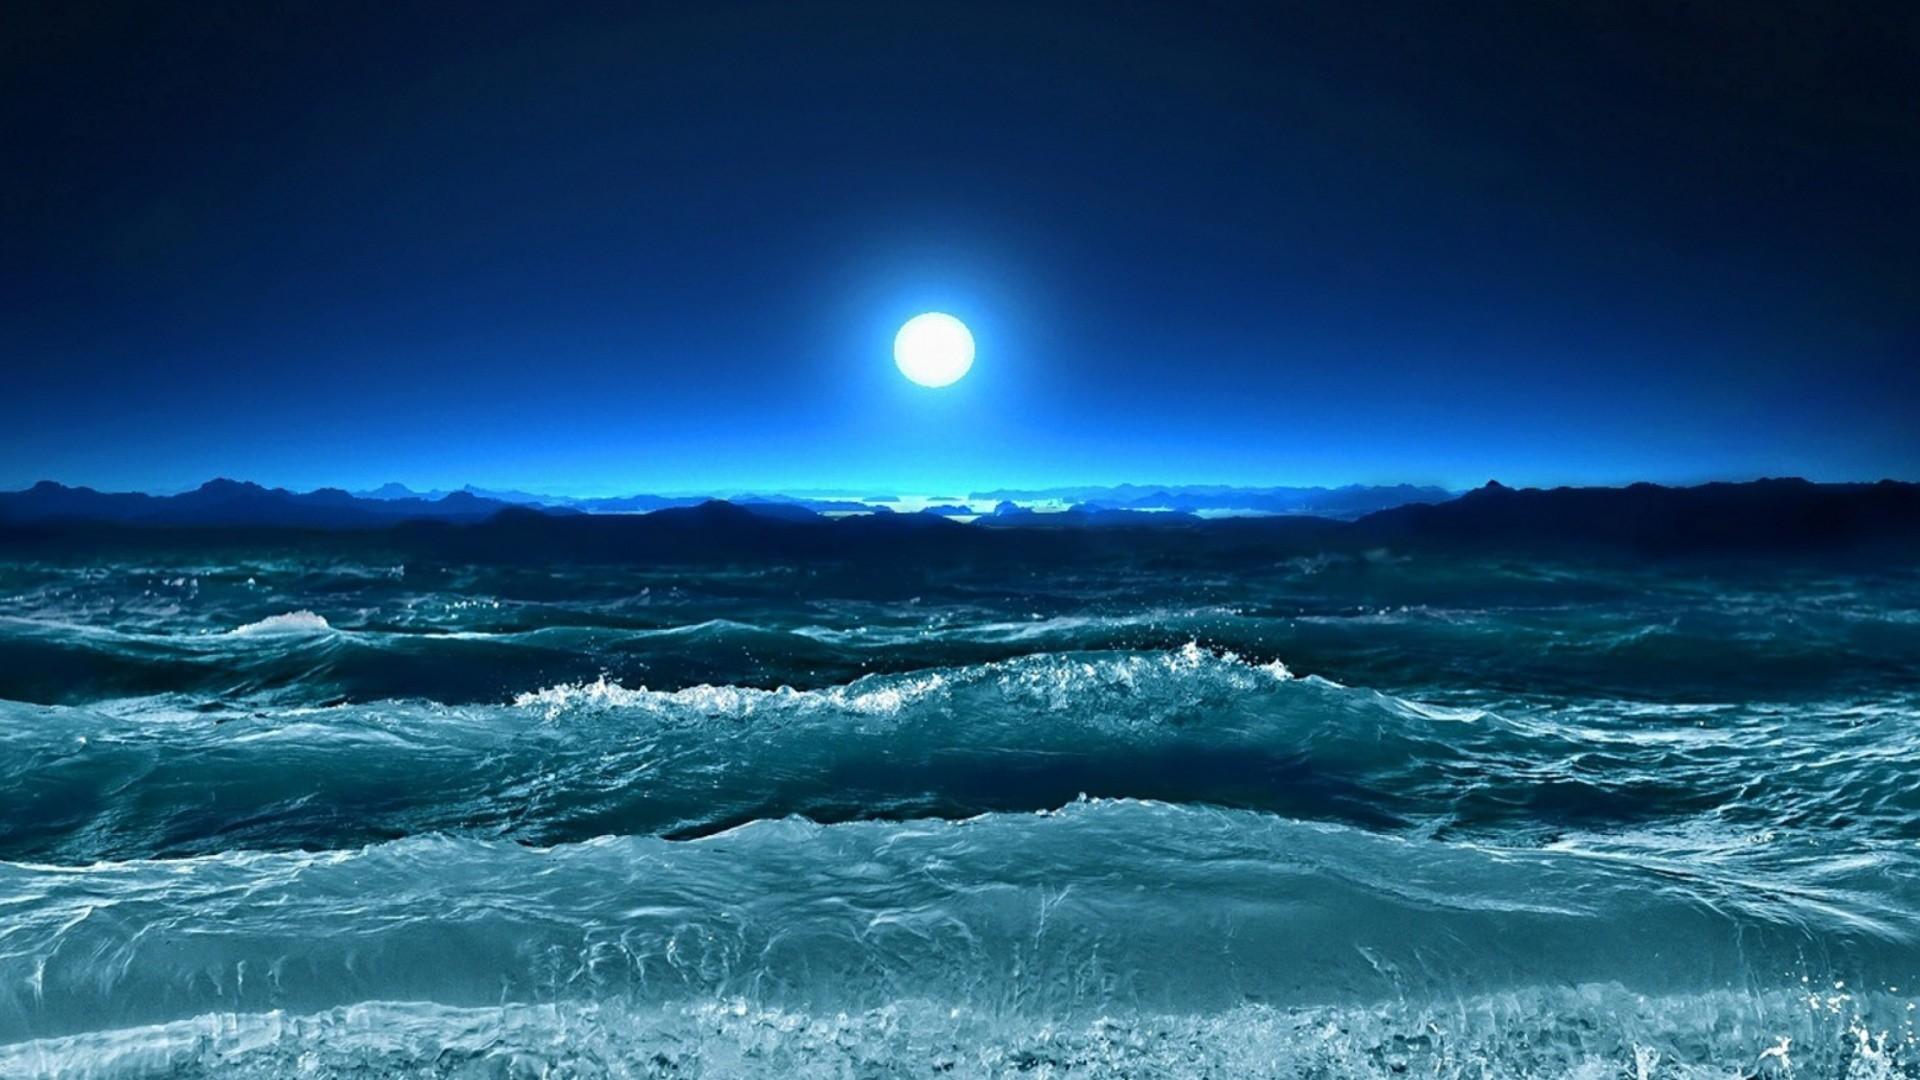 Under Moon Light wallpaperwallpaper screensaver .